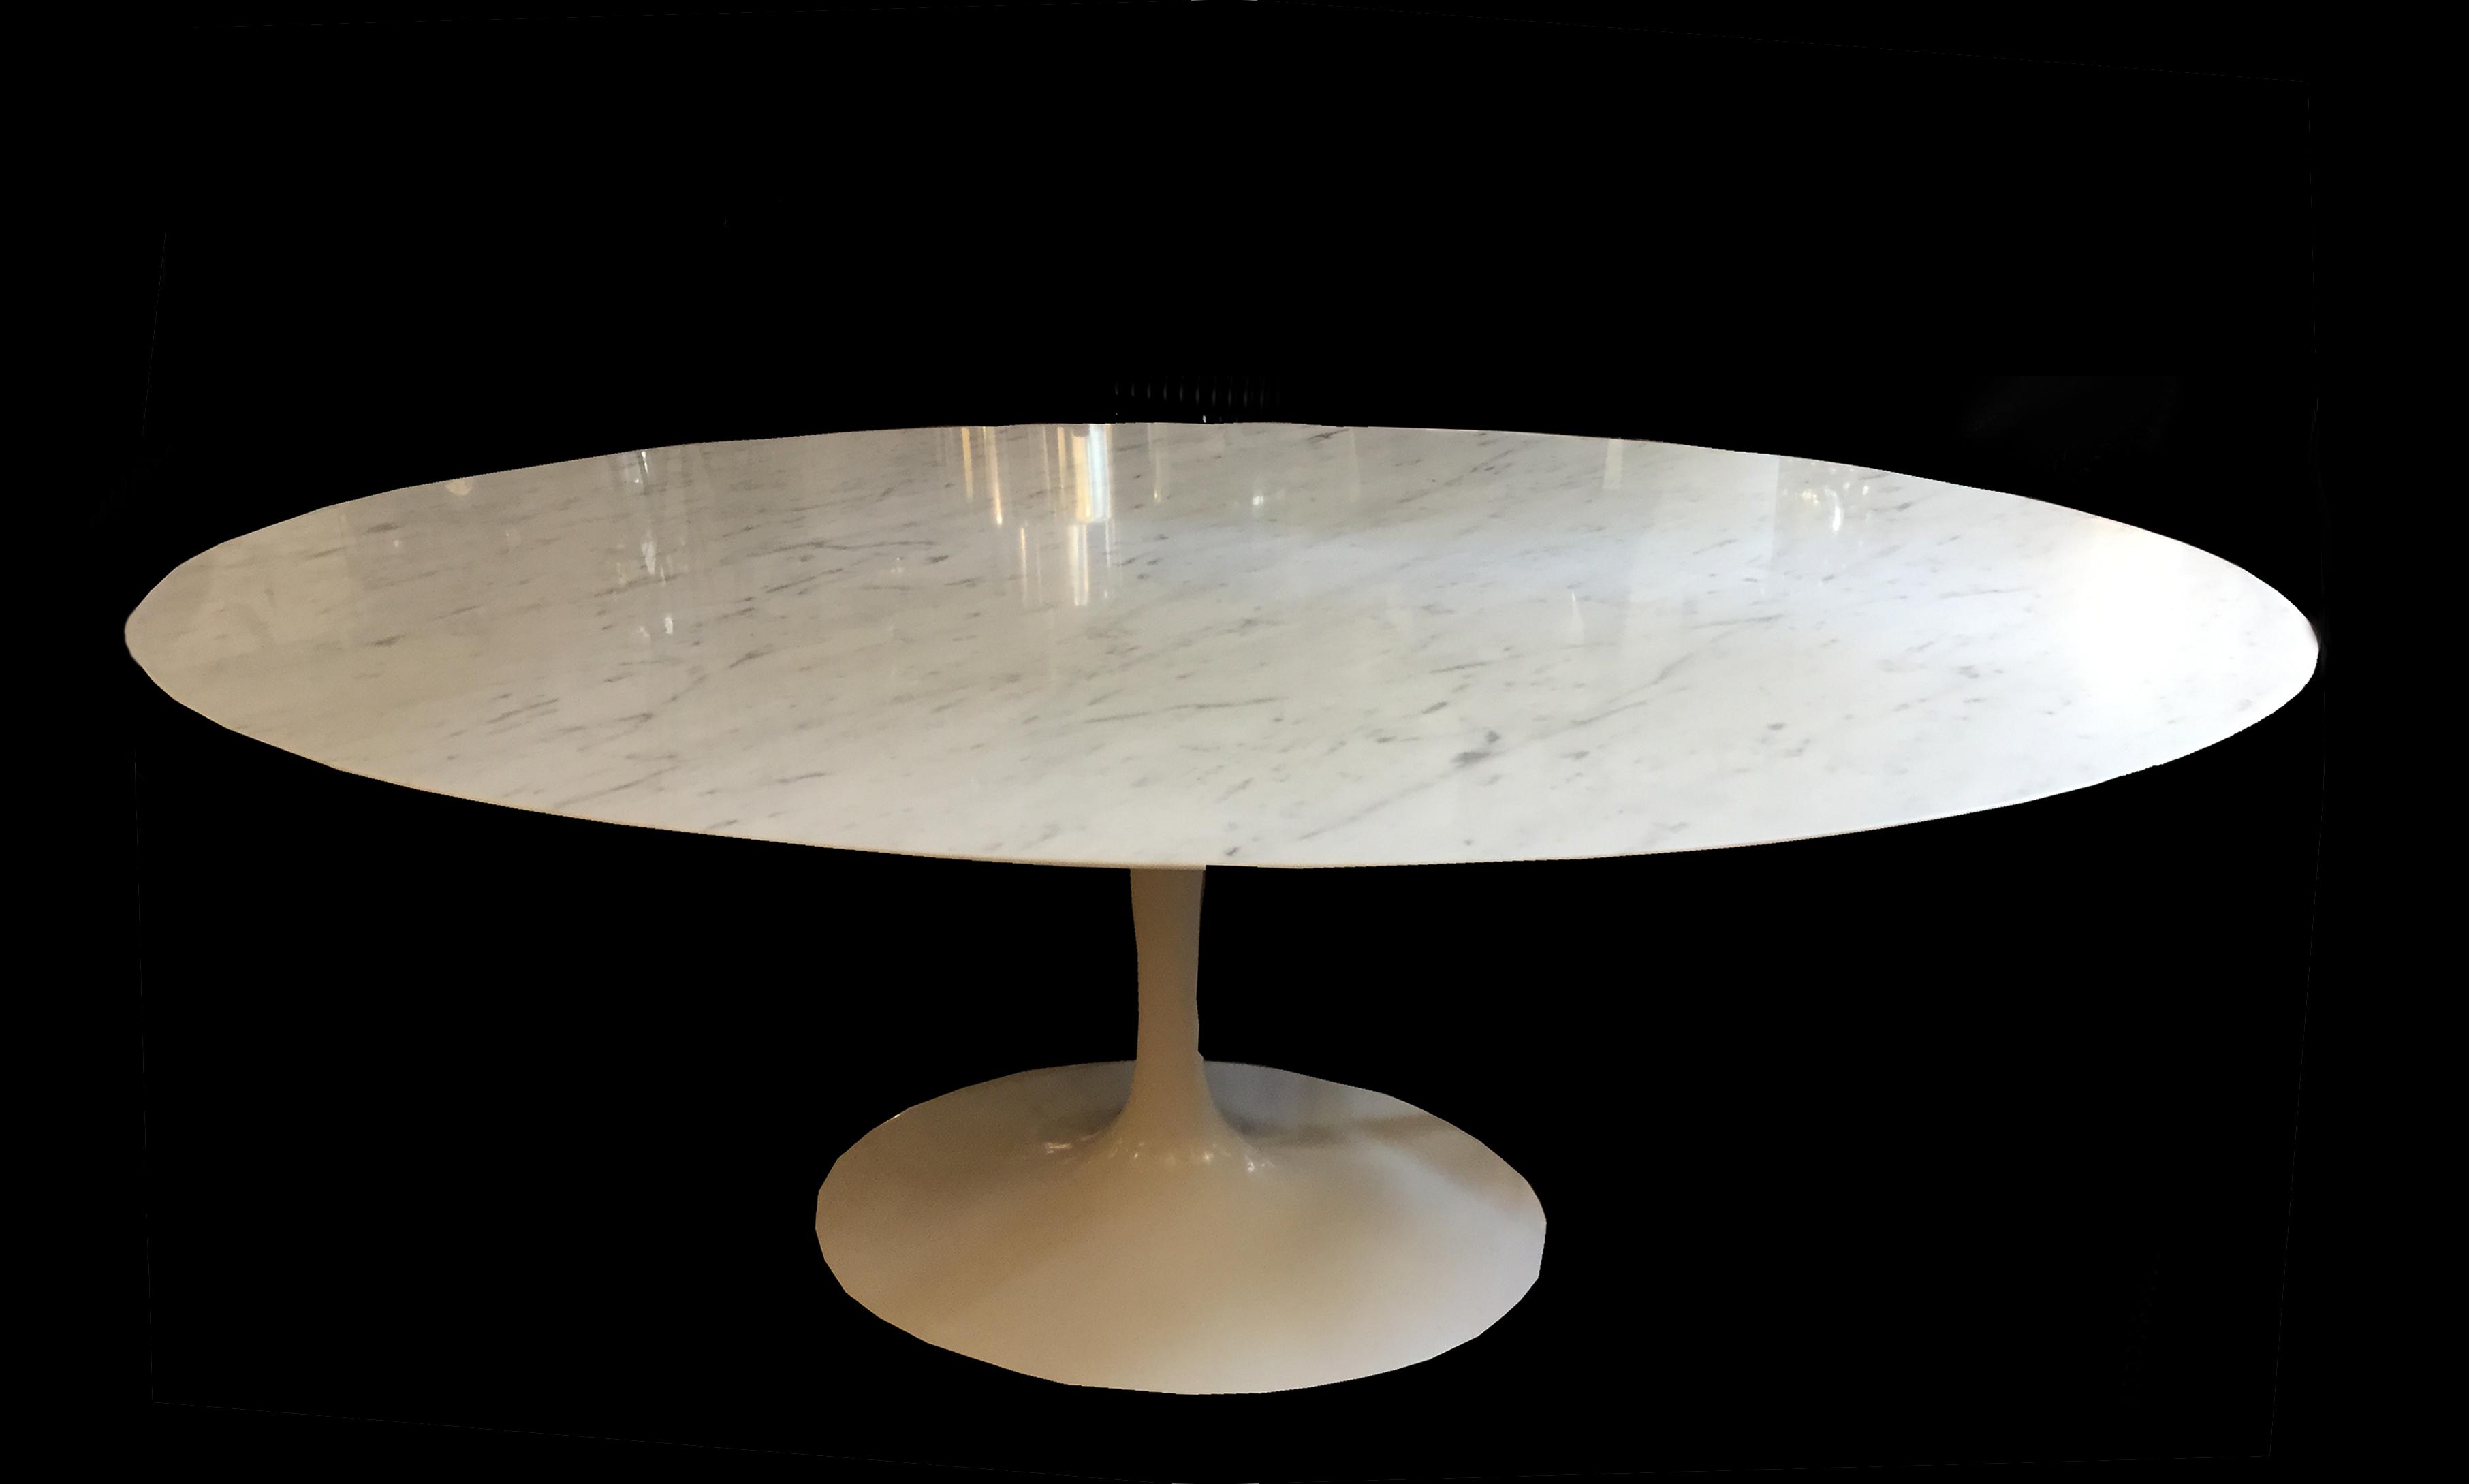 Table De Salle À Manger En Marbre. - Galerie Yvan Royer destiné Table Salle A Manger En Marbre